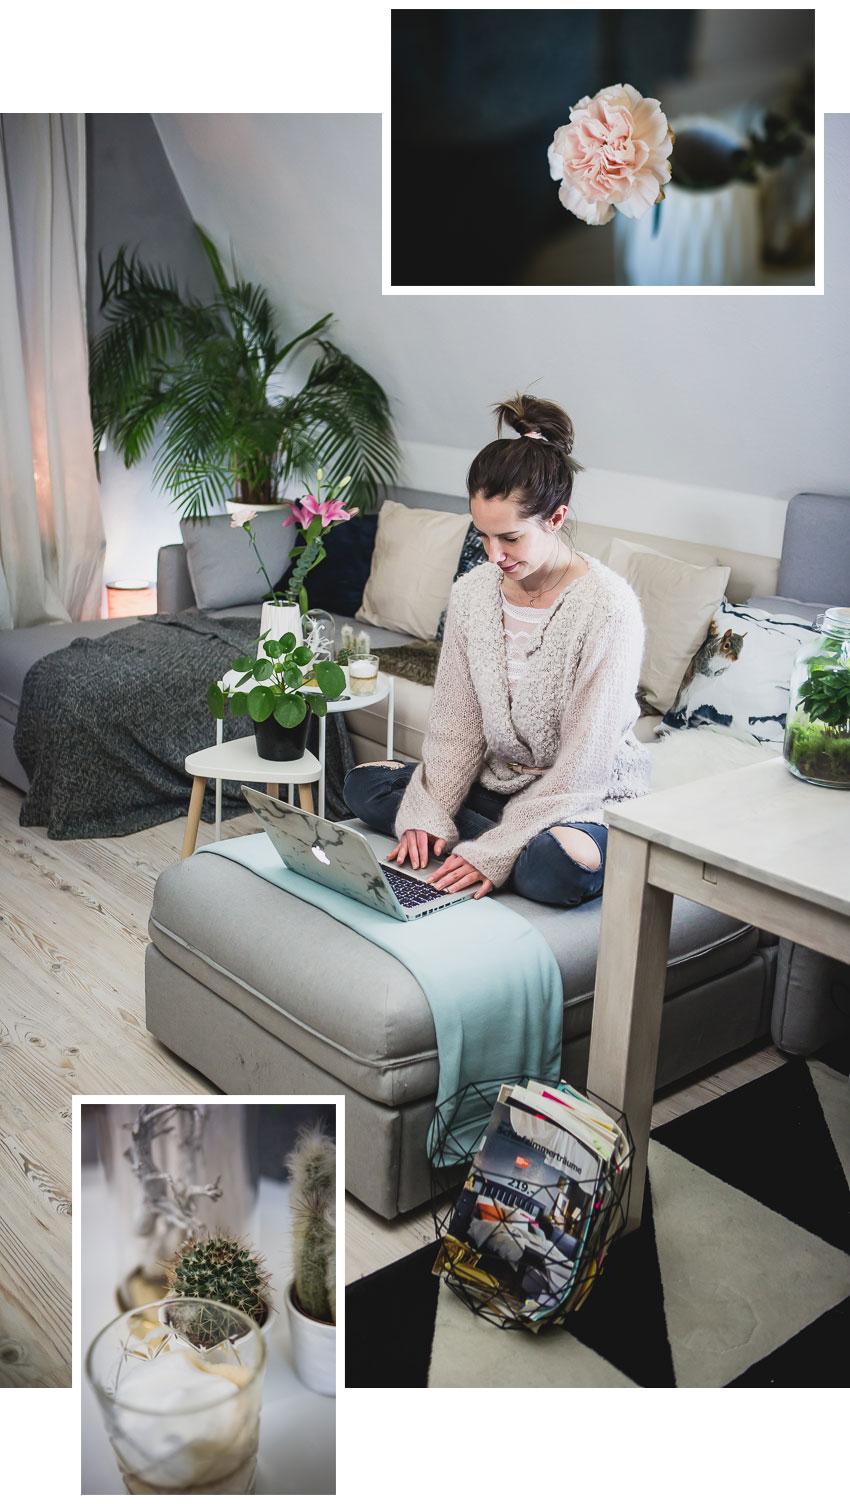 Full Size of Wohnzimmer Dekorieren Schne Deko Ideen Trends Schnell Liege Indirekte Beleuchtung Moderne Bilder Fürs Deckenleuchte Lampe Board Stehlampe Vorhänge Stehlampen Wohnzimmer Wohnzimmer Dekorieren